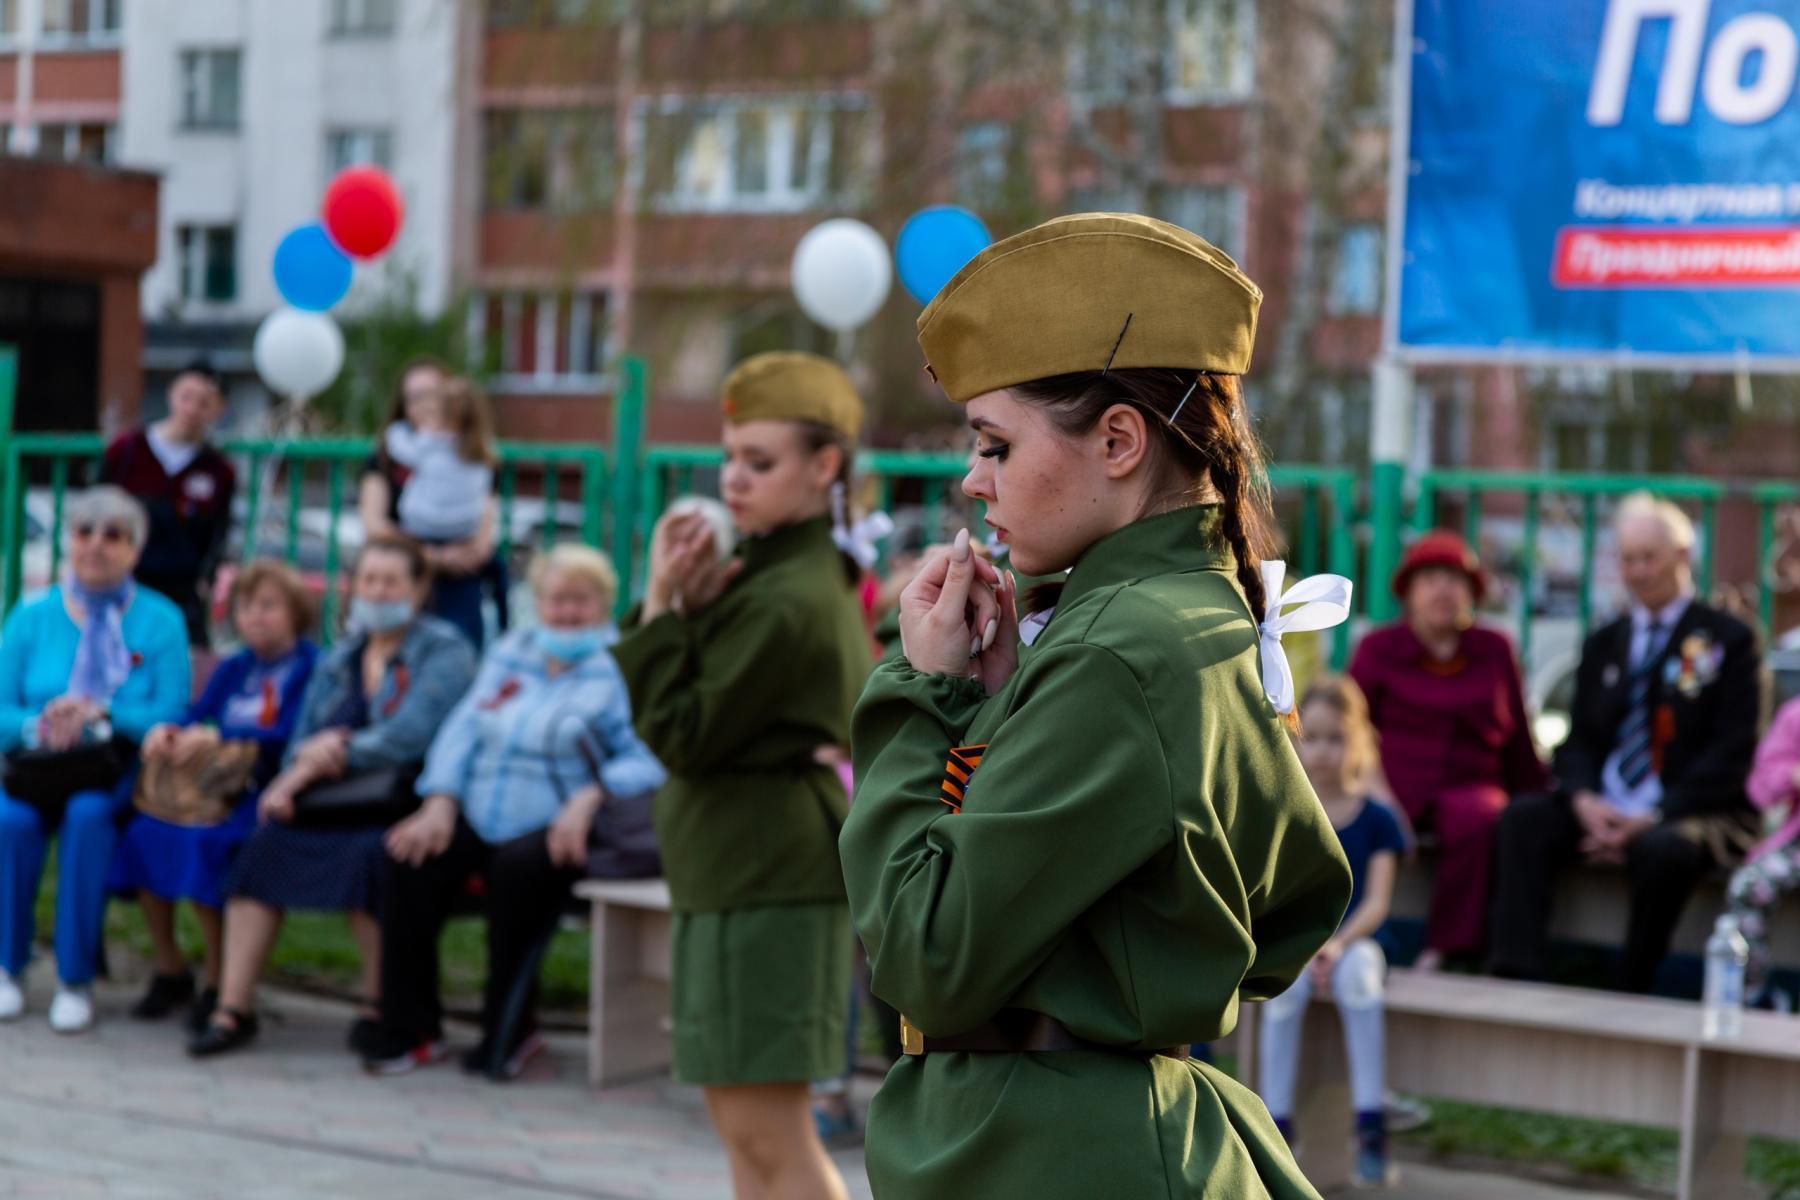 фото В Горском микрорайоне Новосибирска прошёл концерт в честь 9 Мая 6